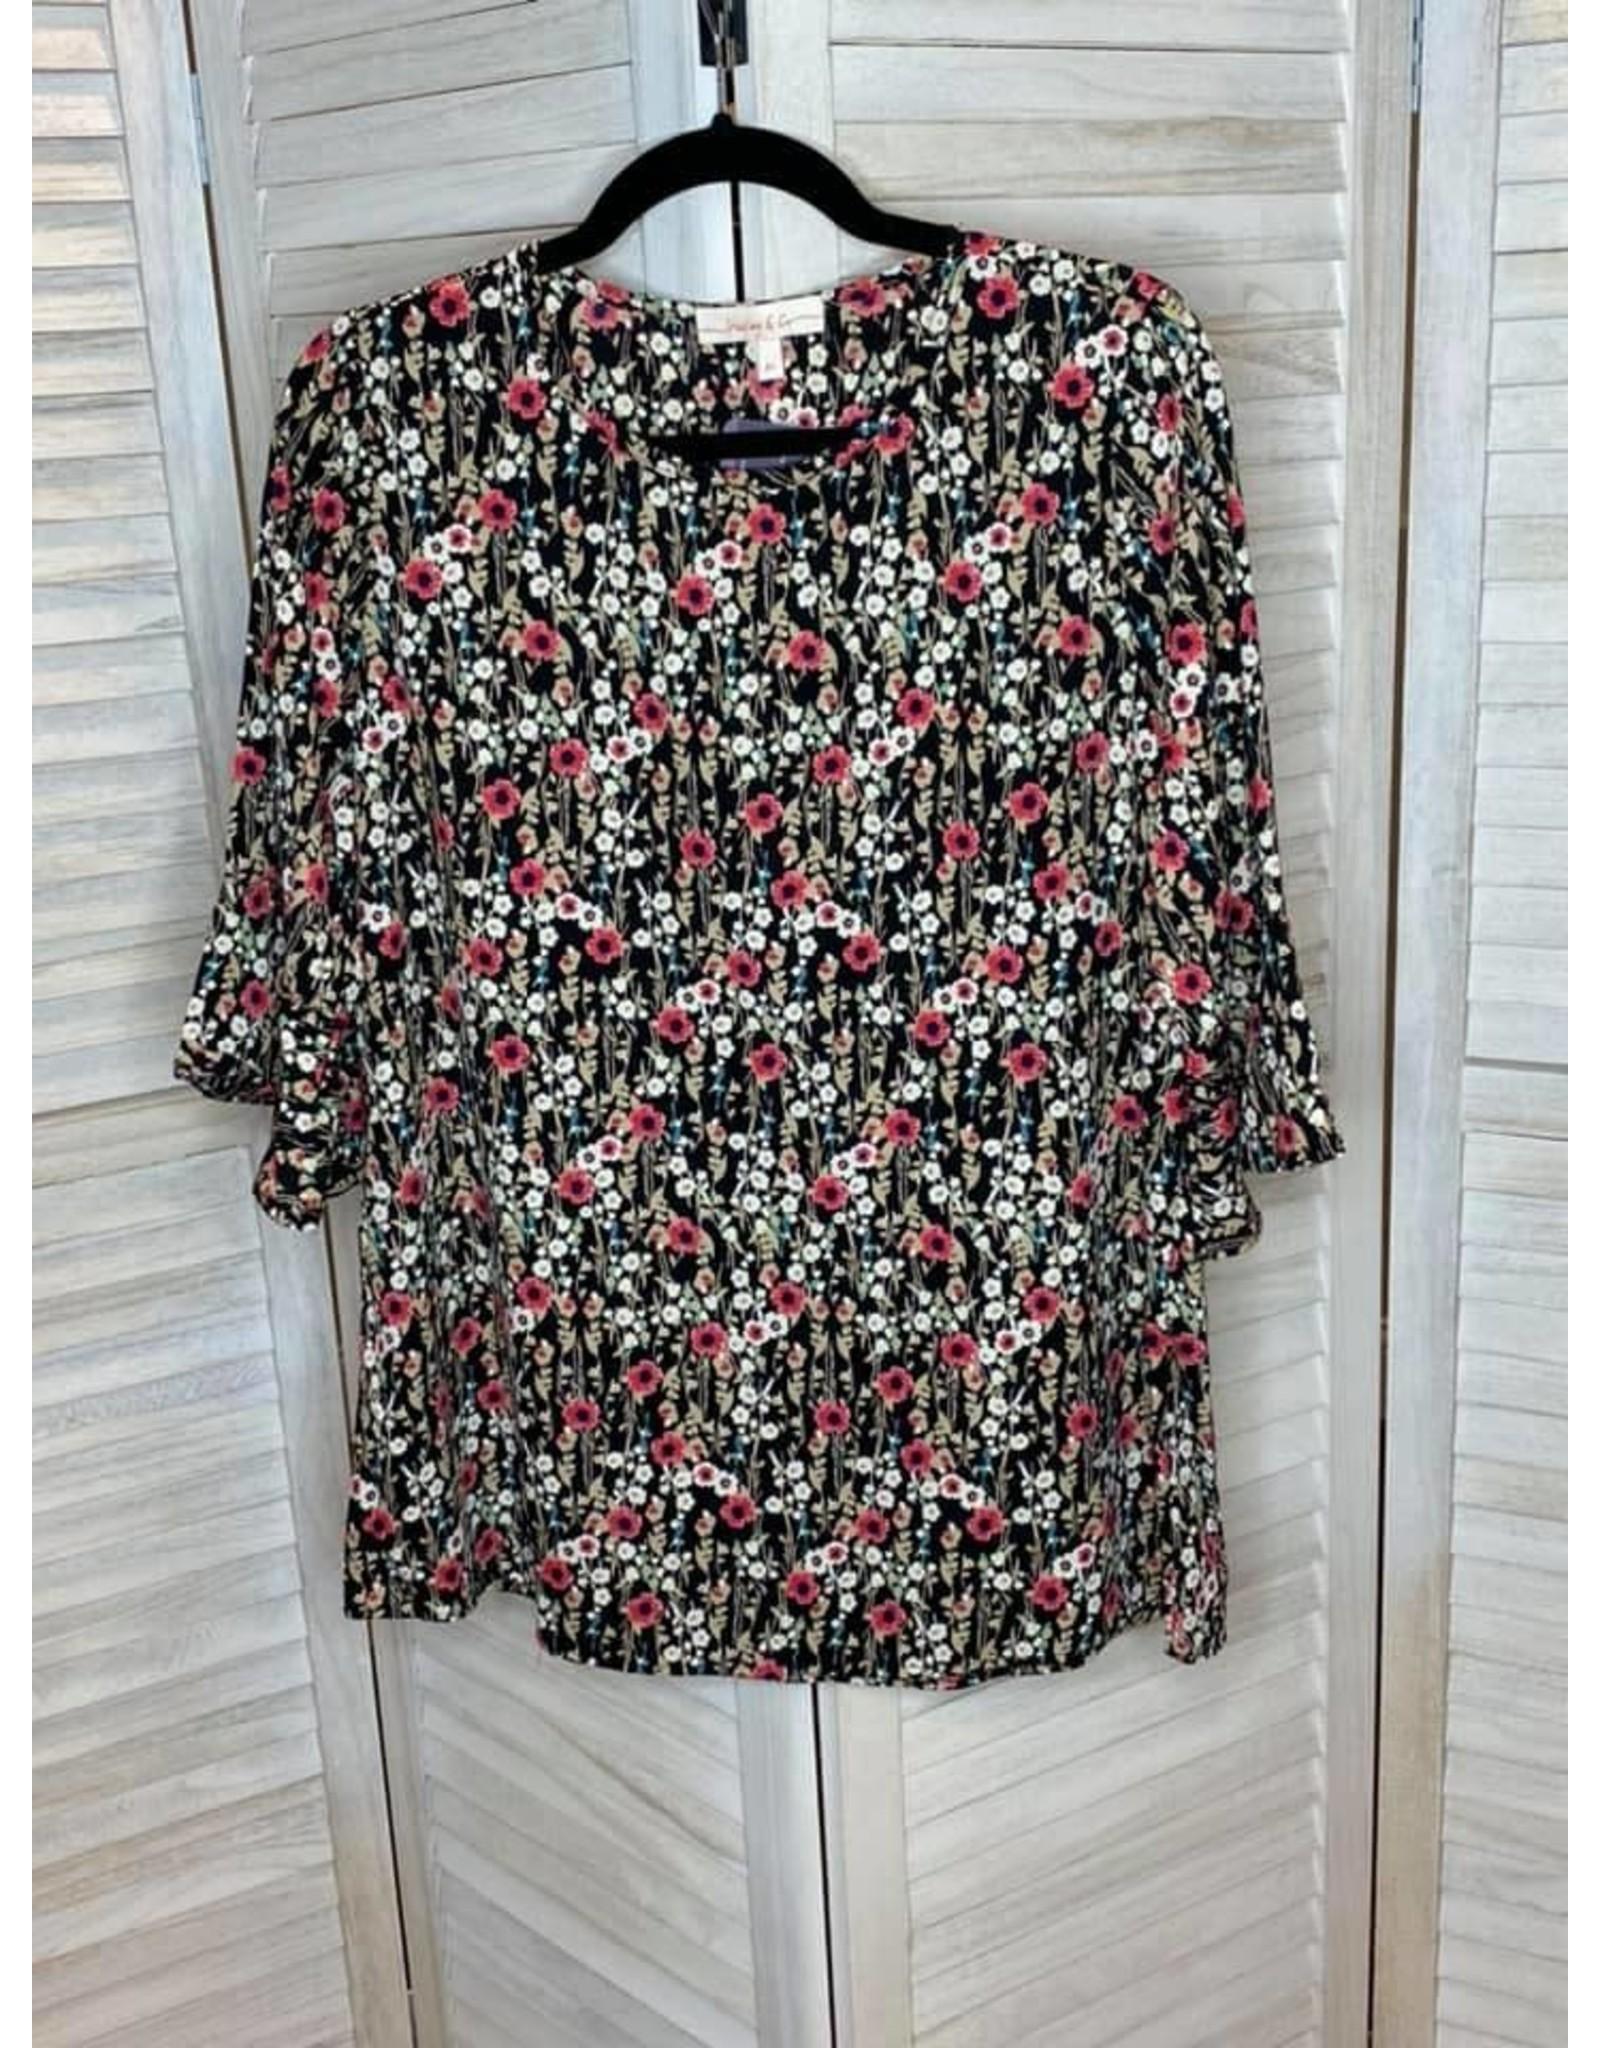 Hailey & Co Poppy Floral Print 3/4 Ruffle Sleeve Top